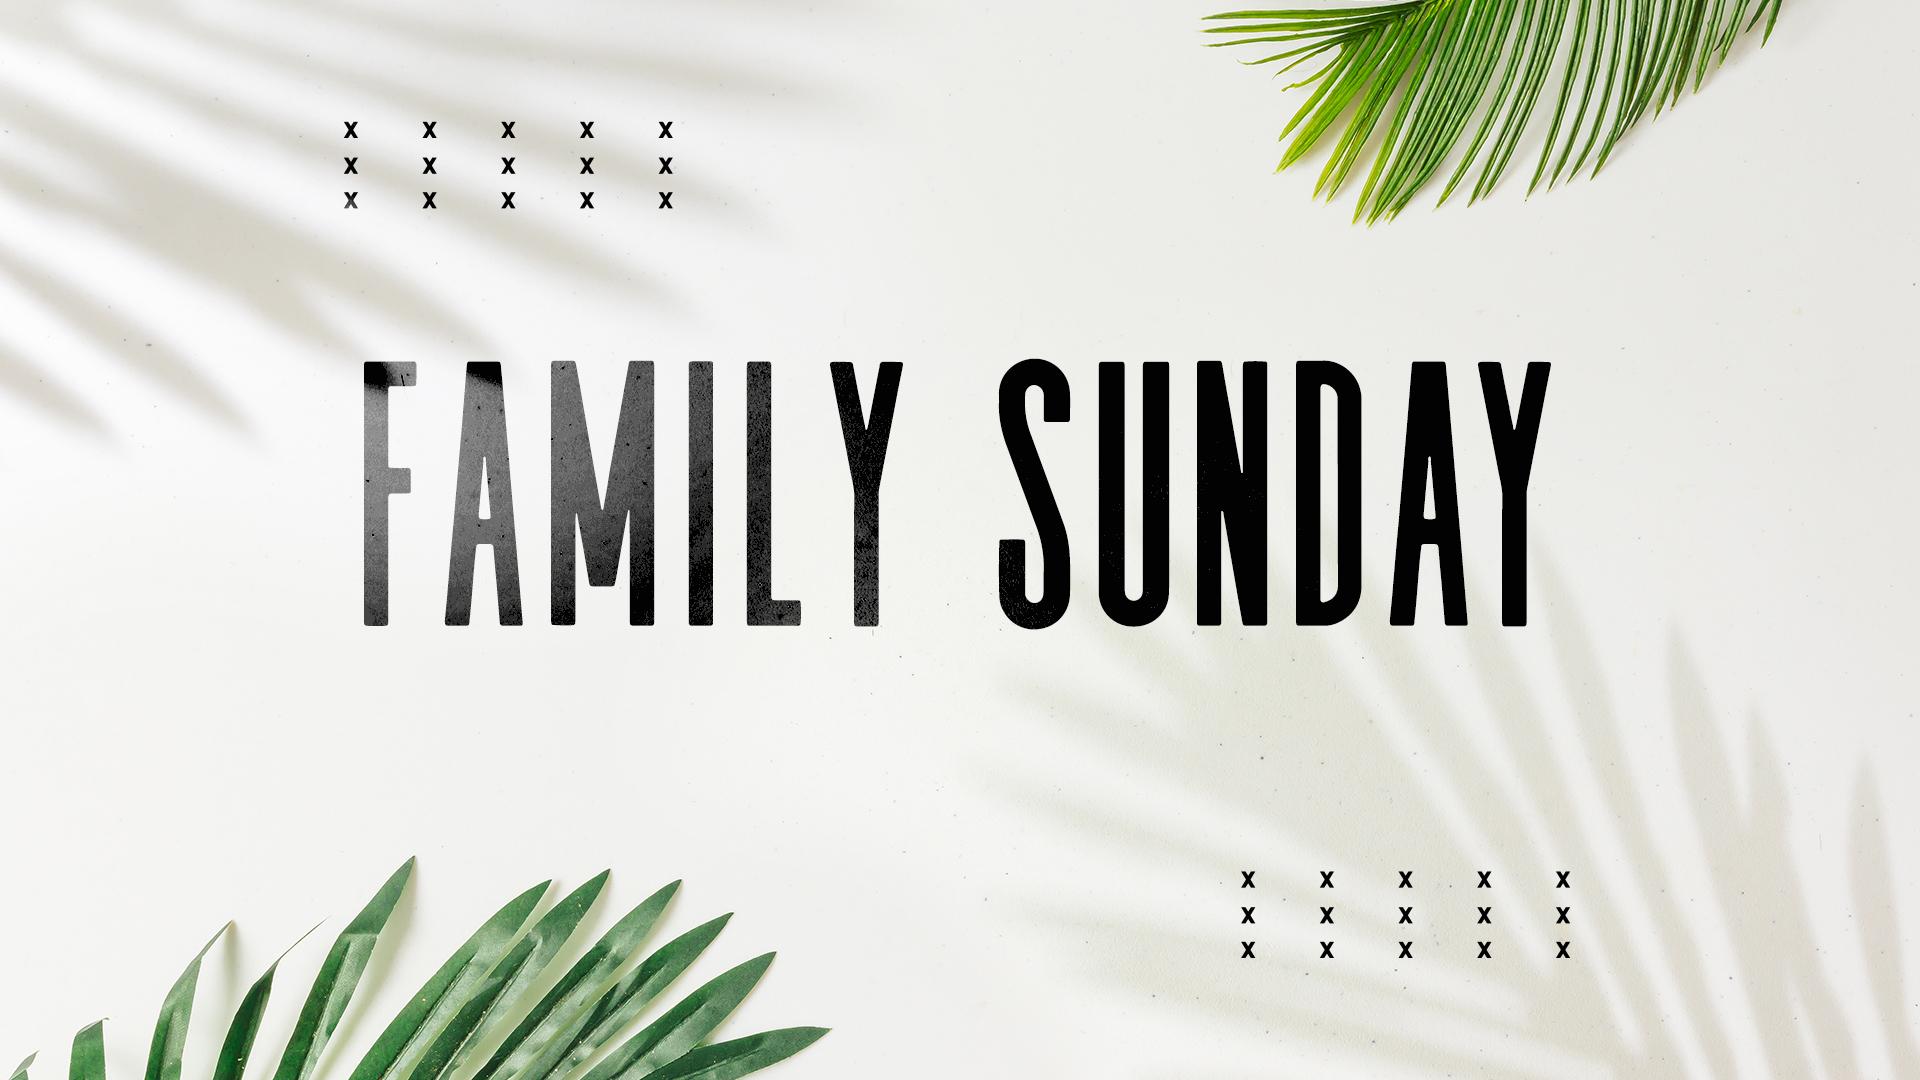 September Family Sunday